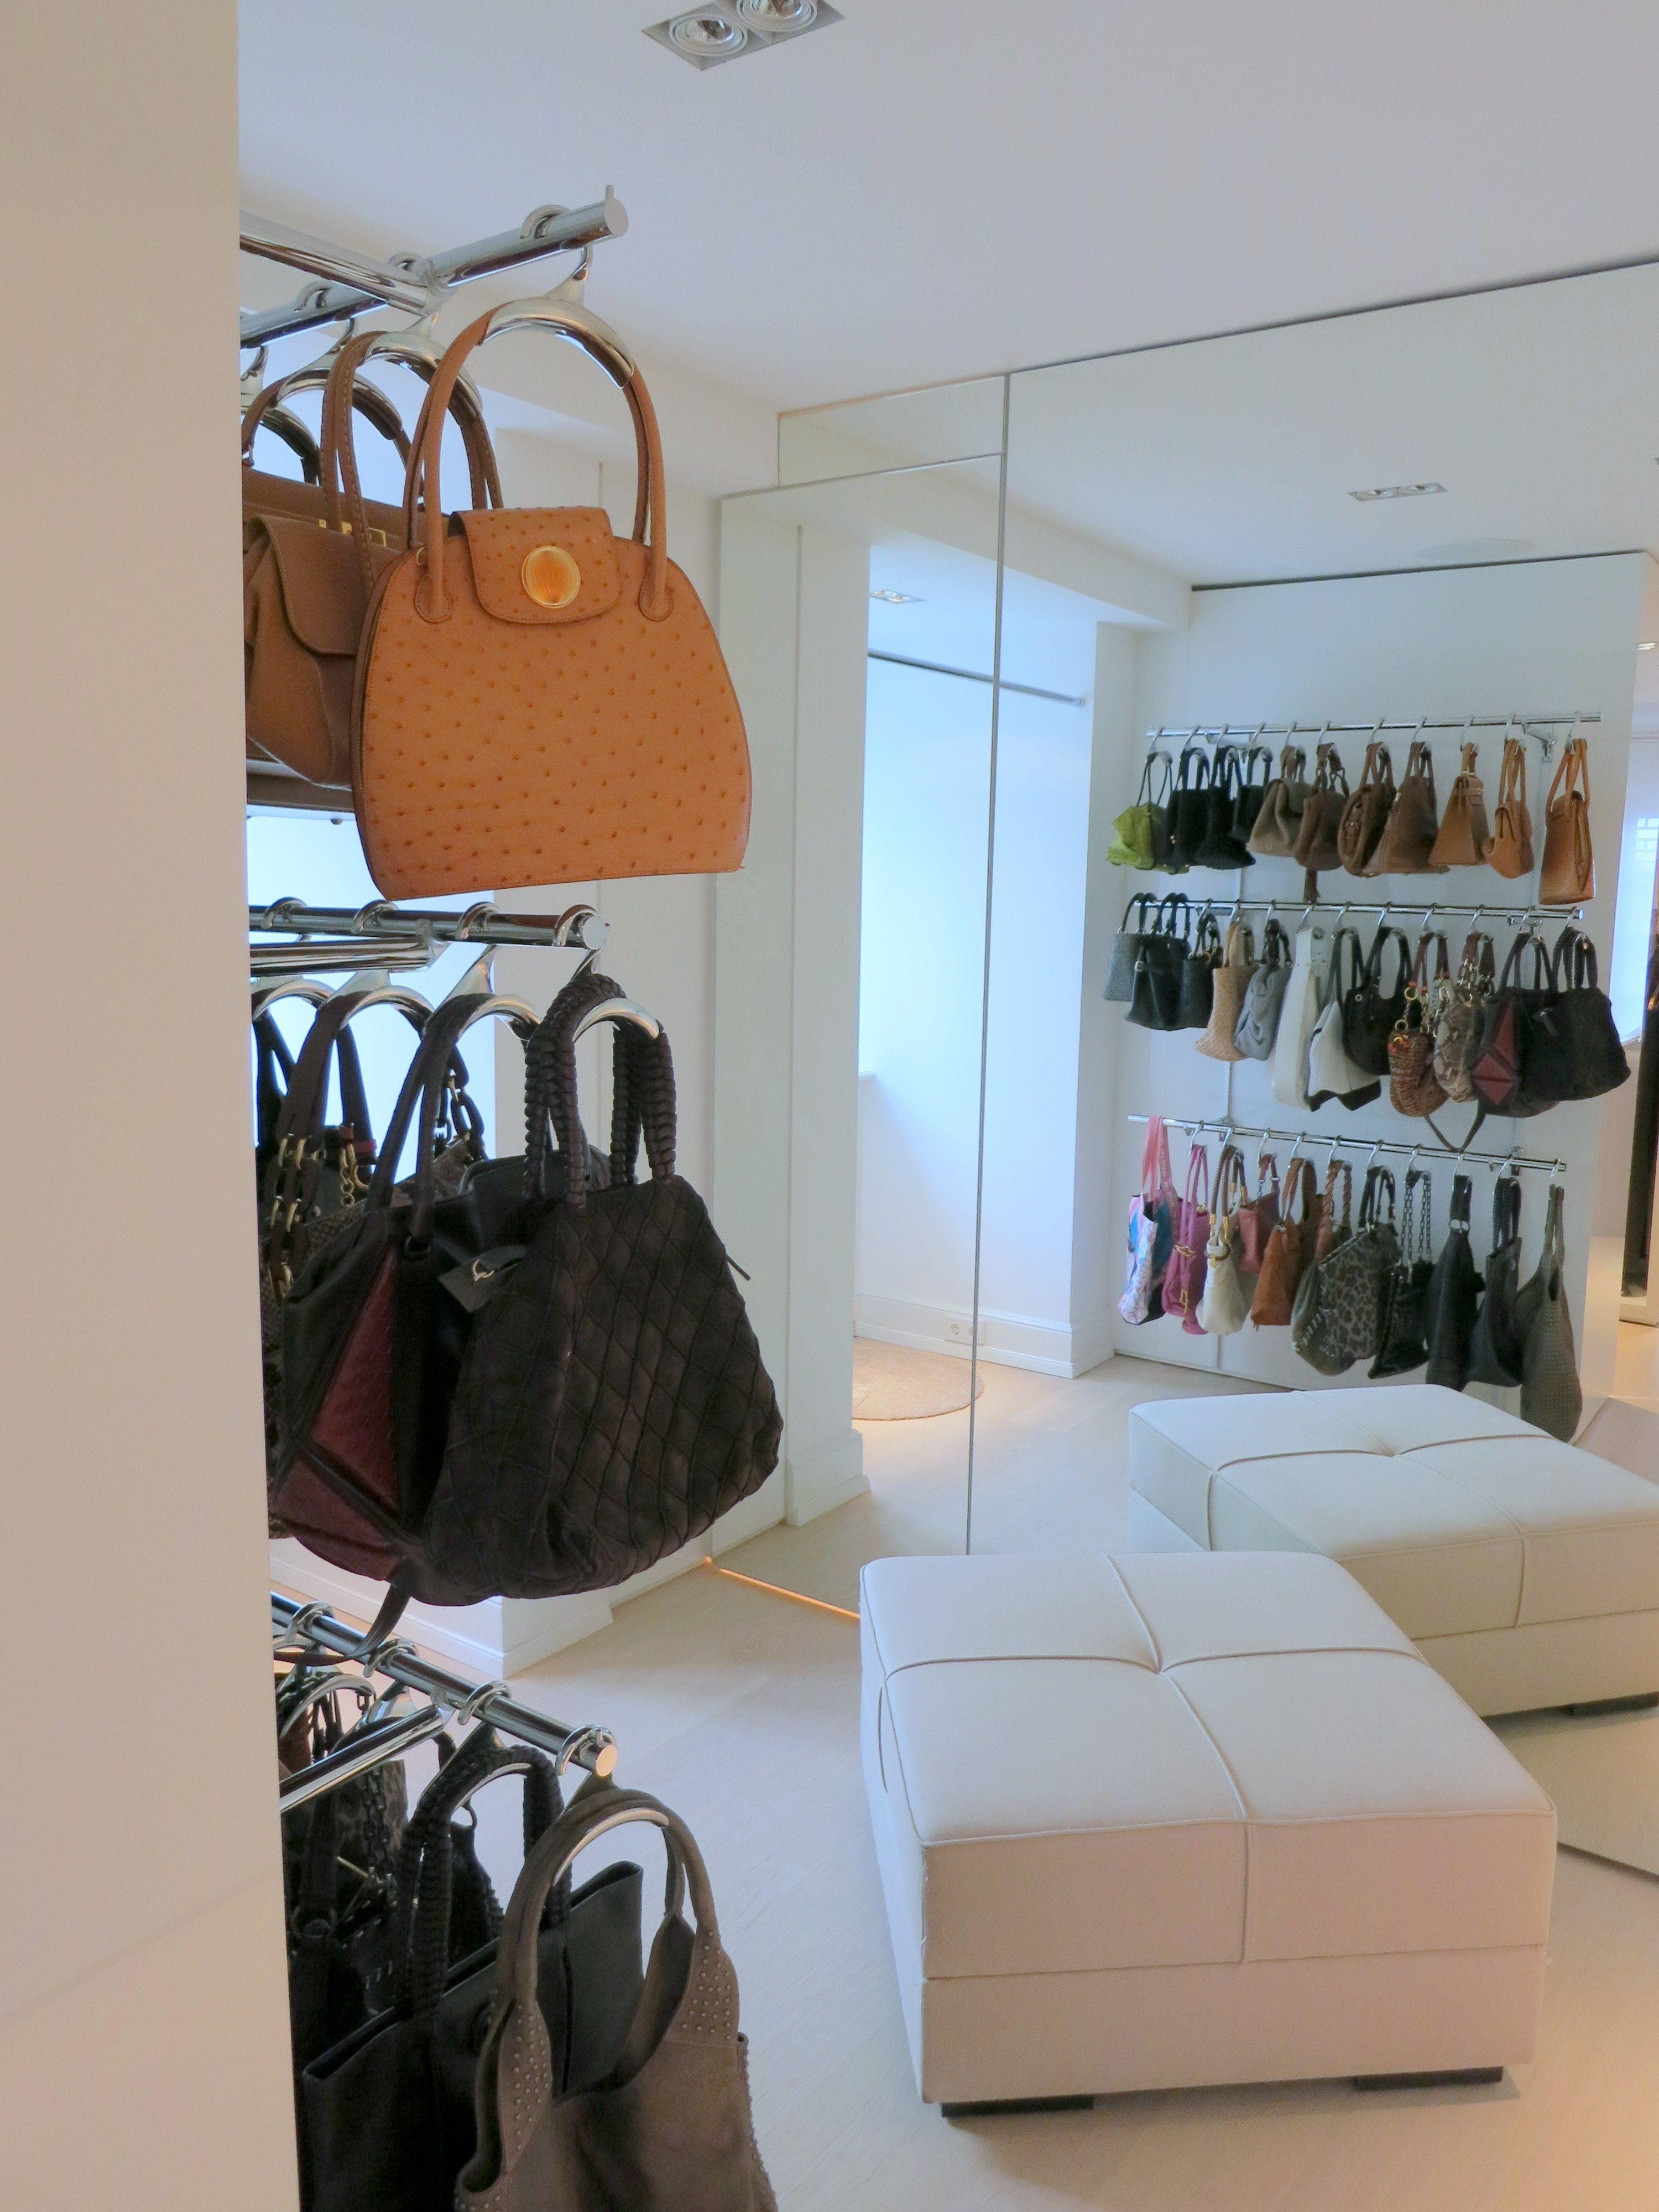 Handtaschen Aufbewahrung Dekorativ Und Praktisch Handtaschen